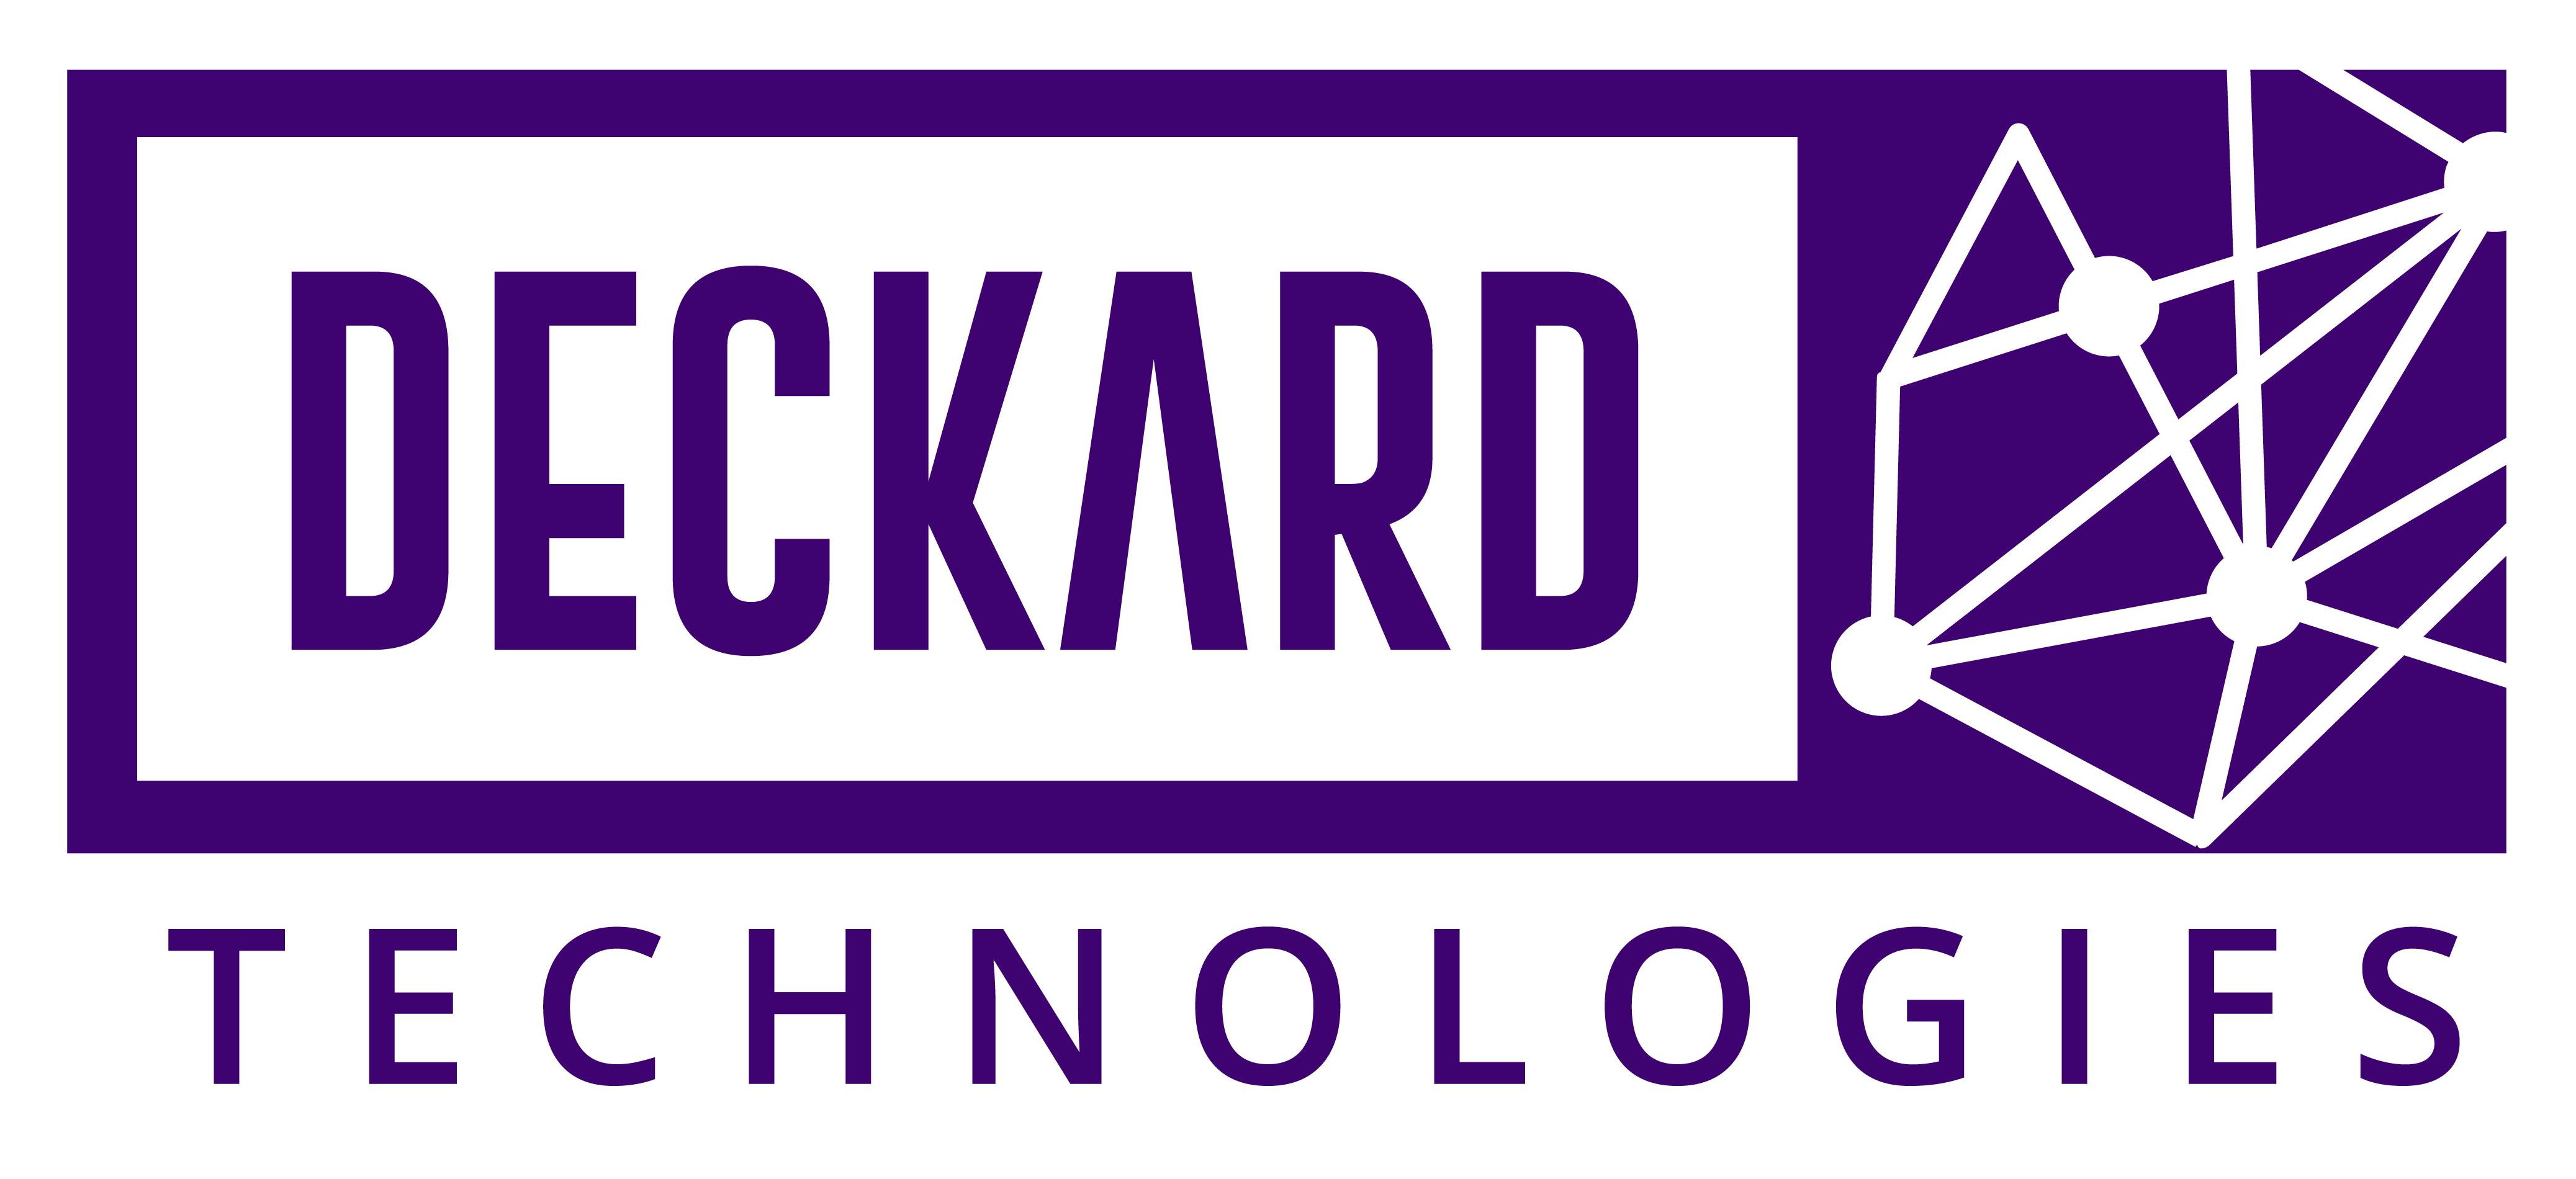 Deckard Technologies, Inc.